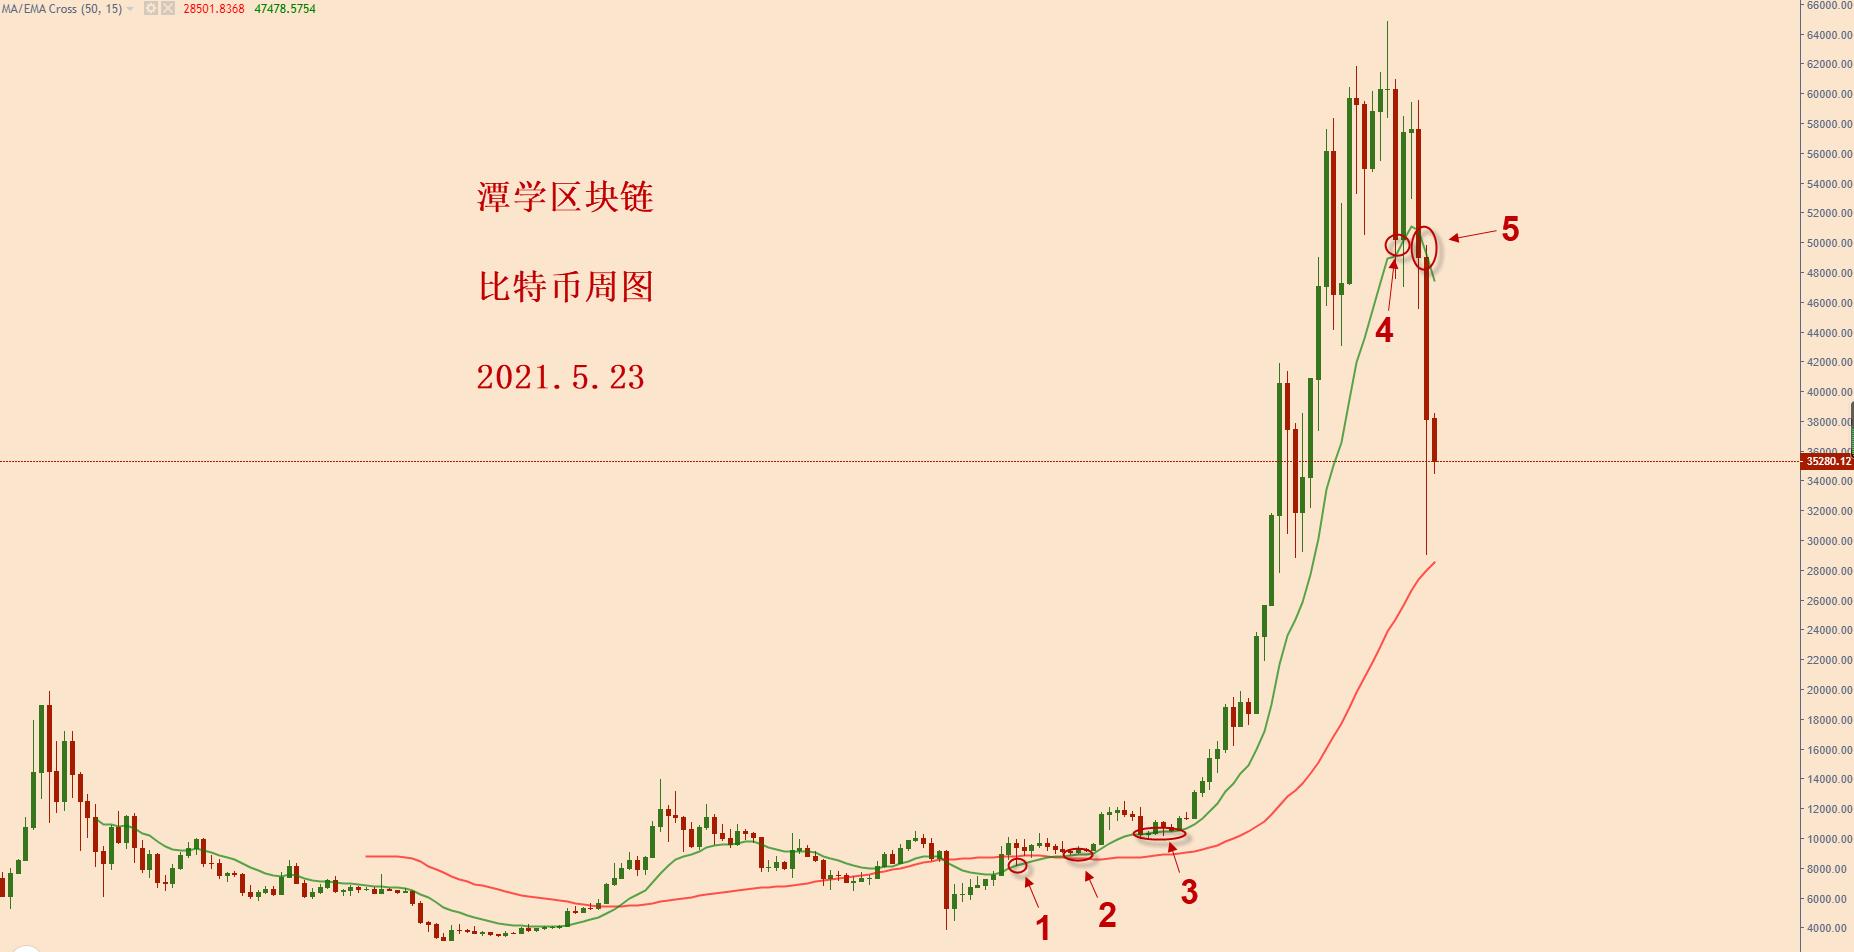 比特币计划之内的空头信号出现,下跌继续加速中